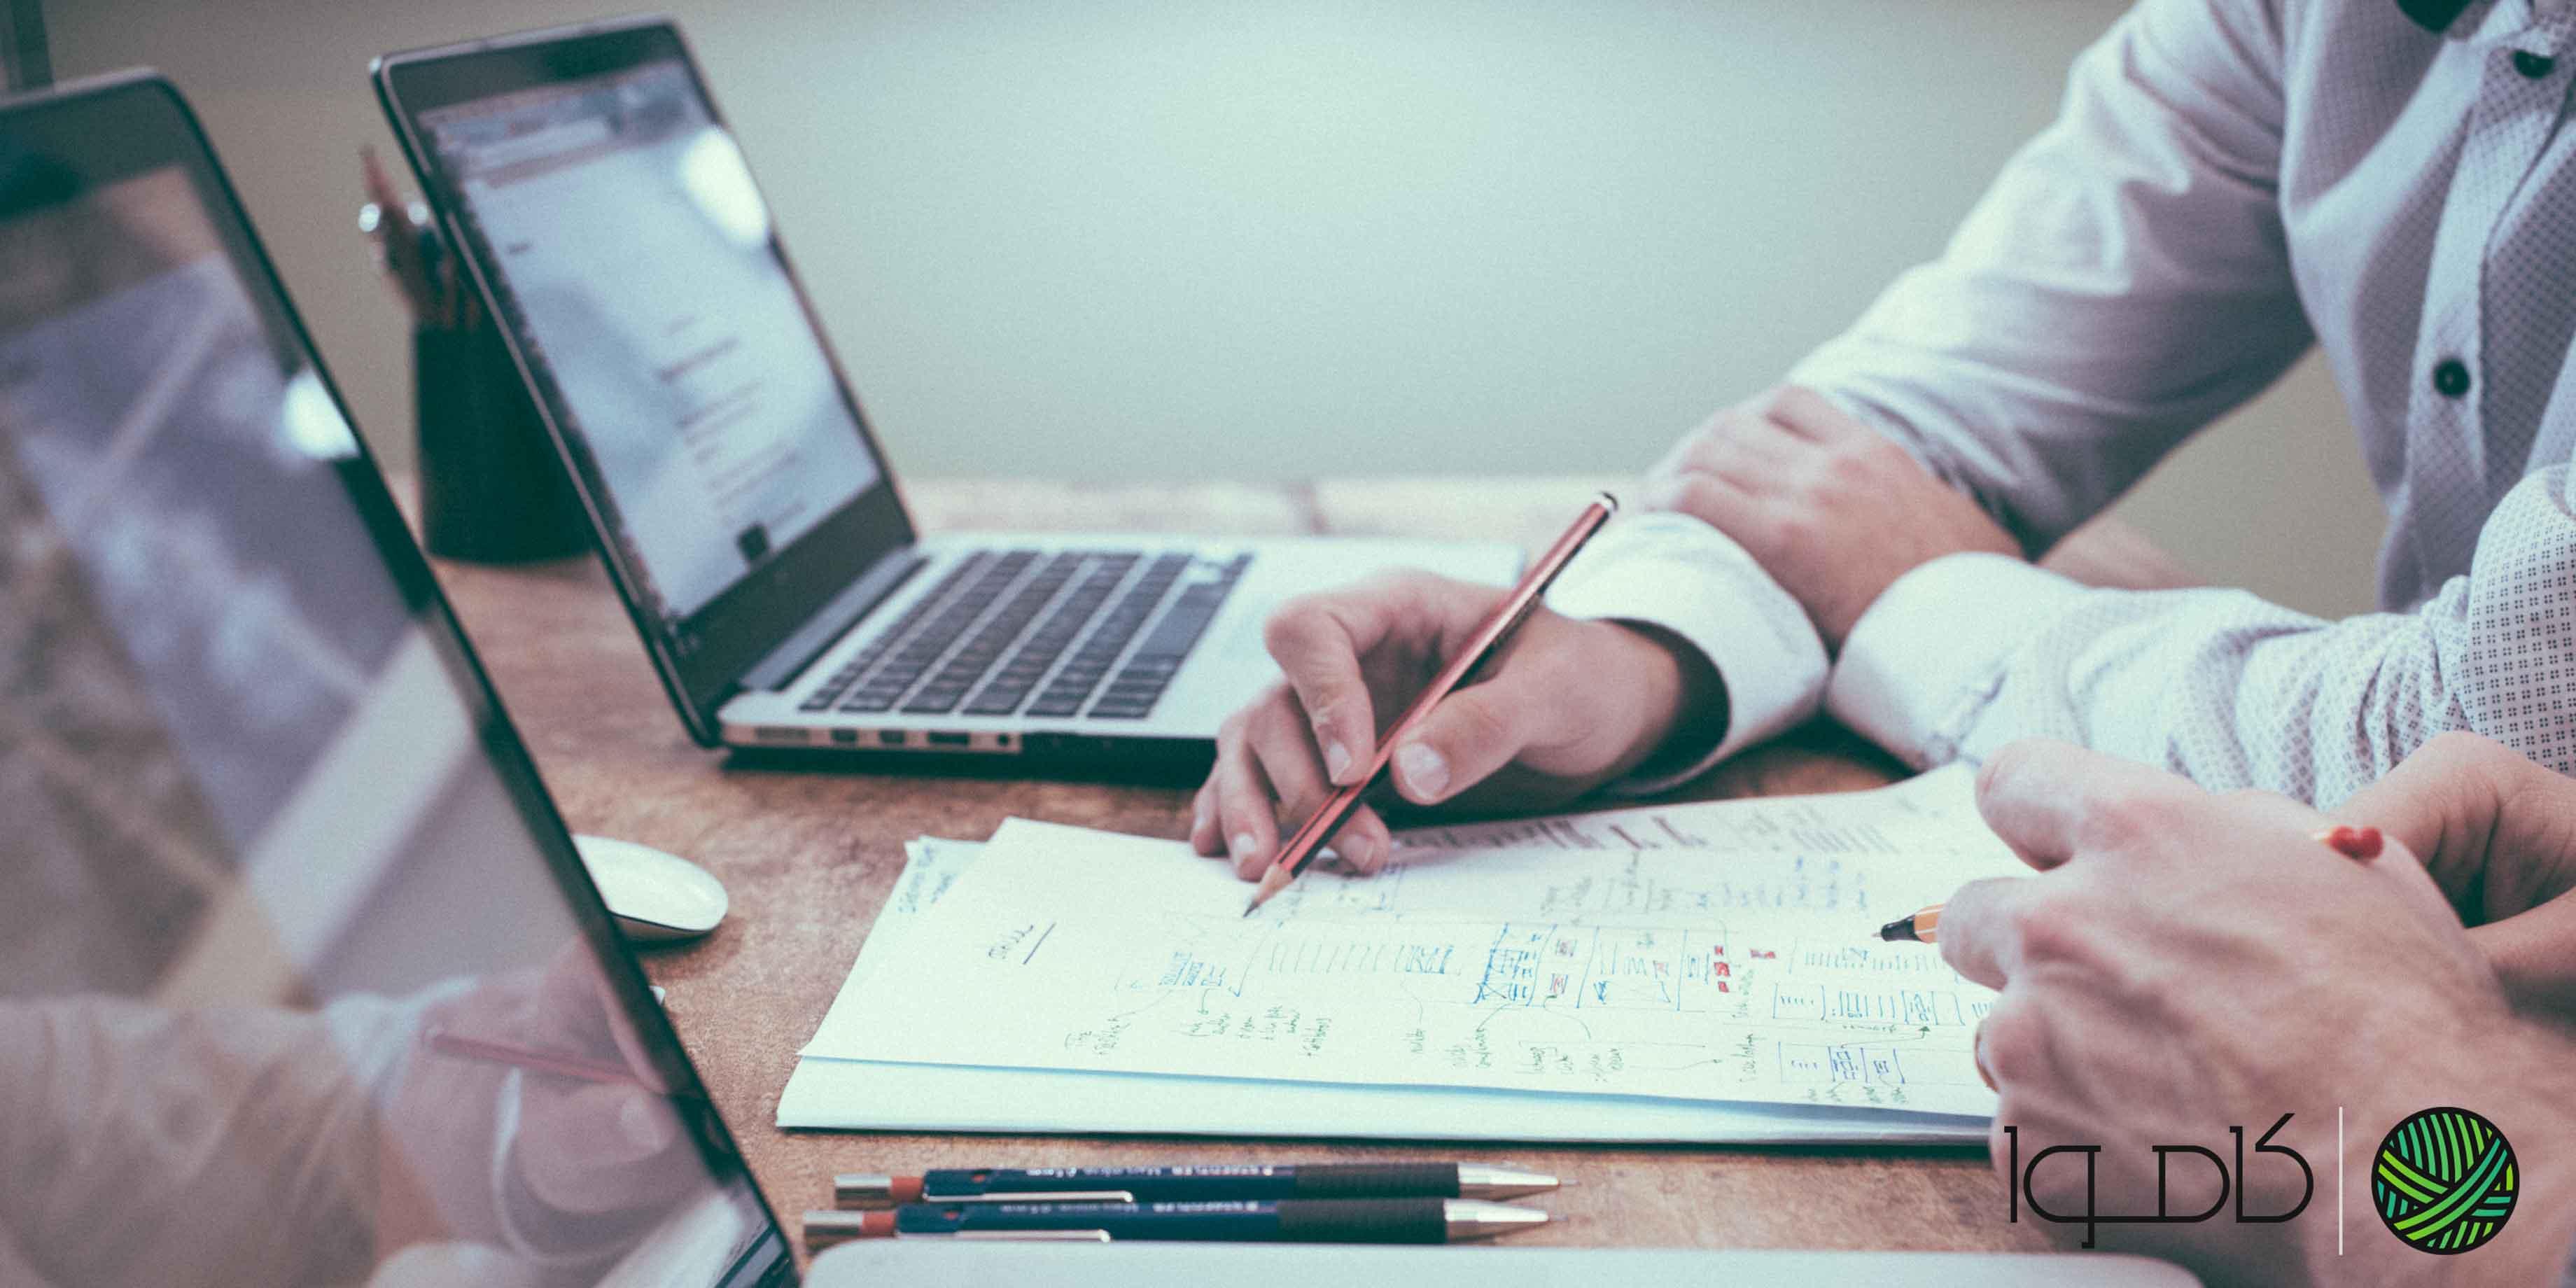 چگونه برای همایش و کنفرانس خود وبسایت طراحی کنیم؟